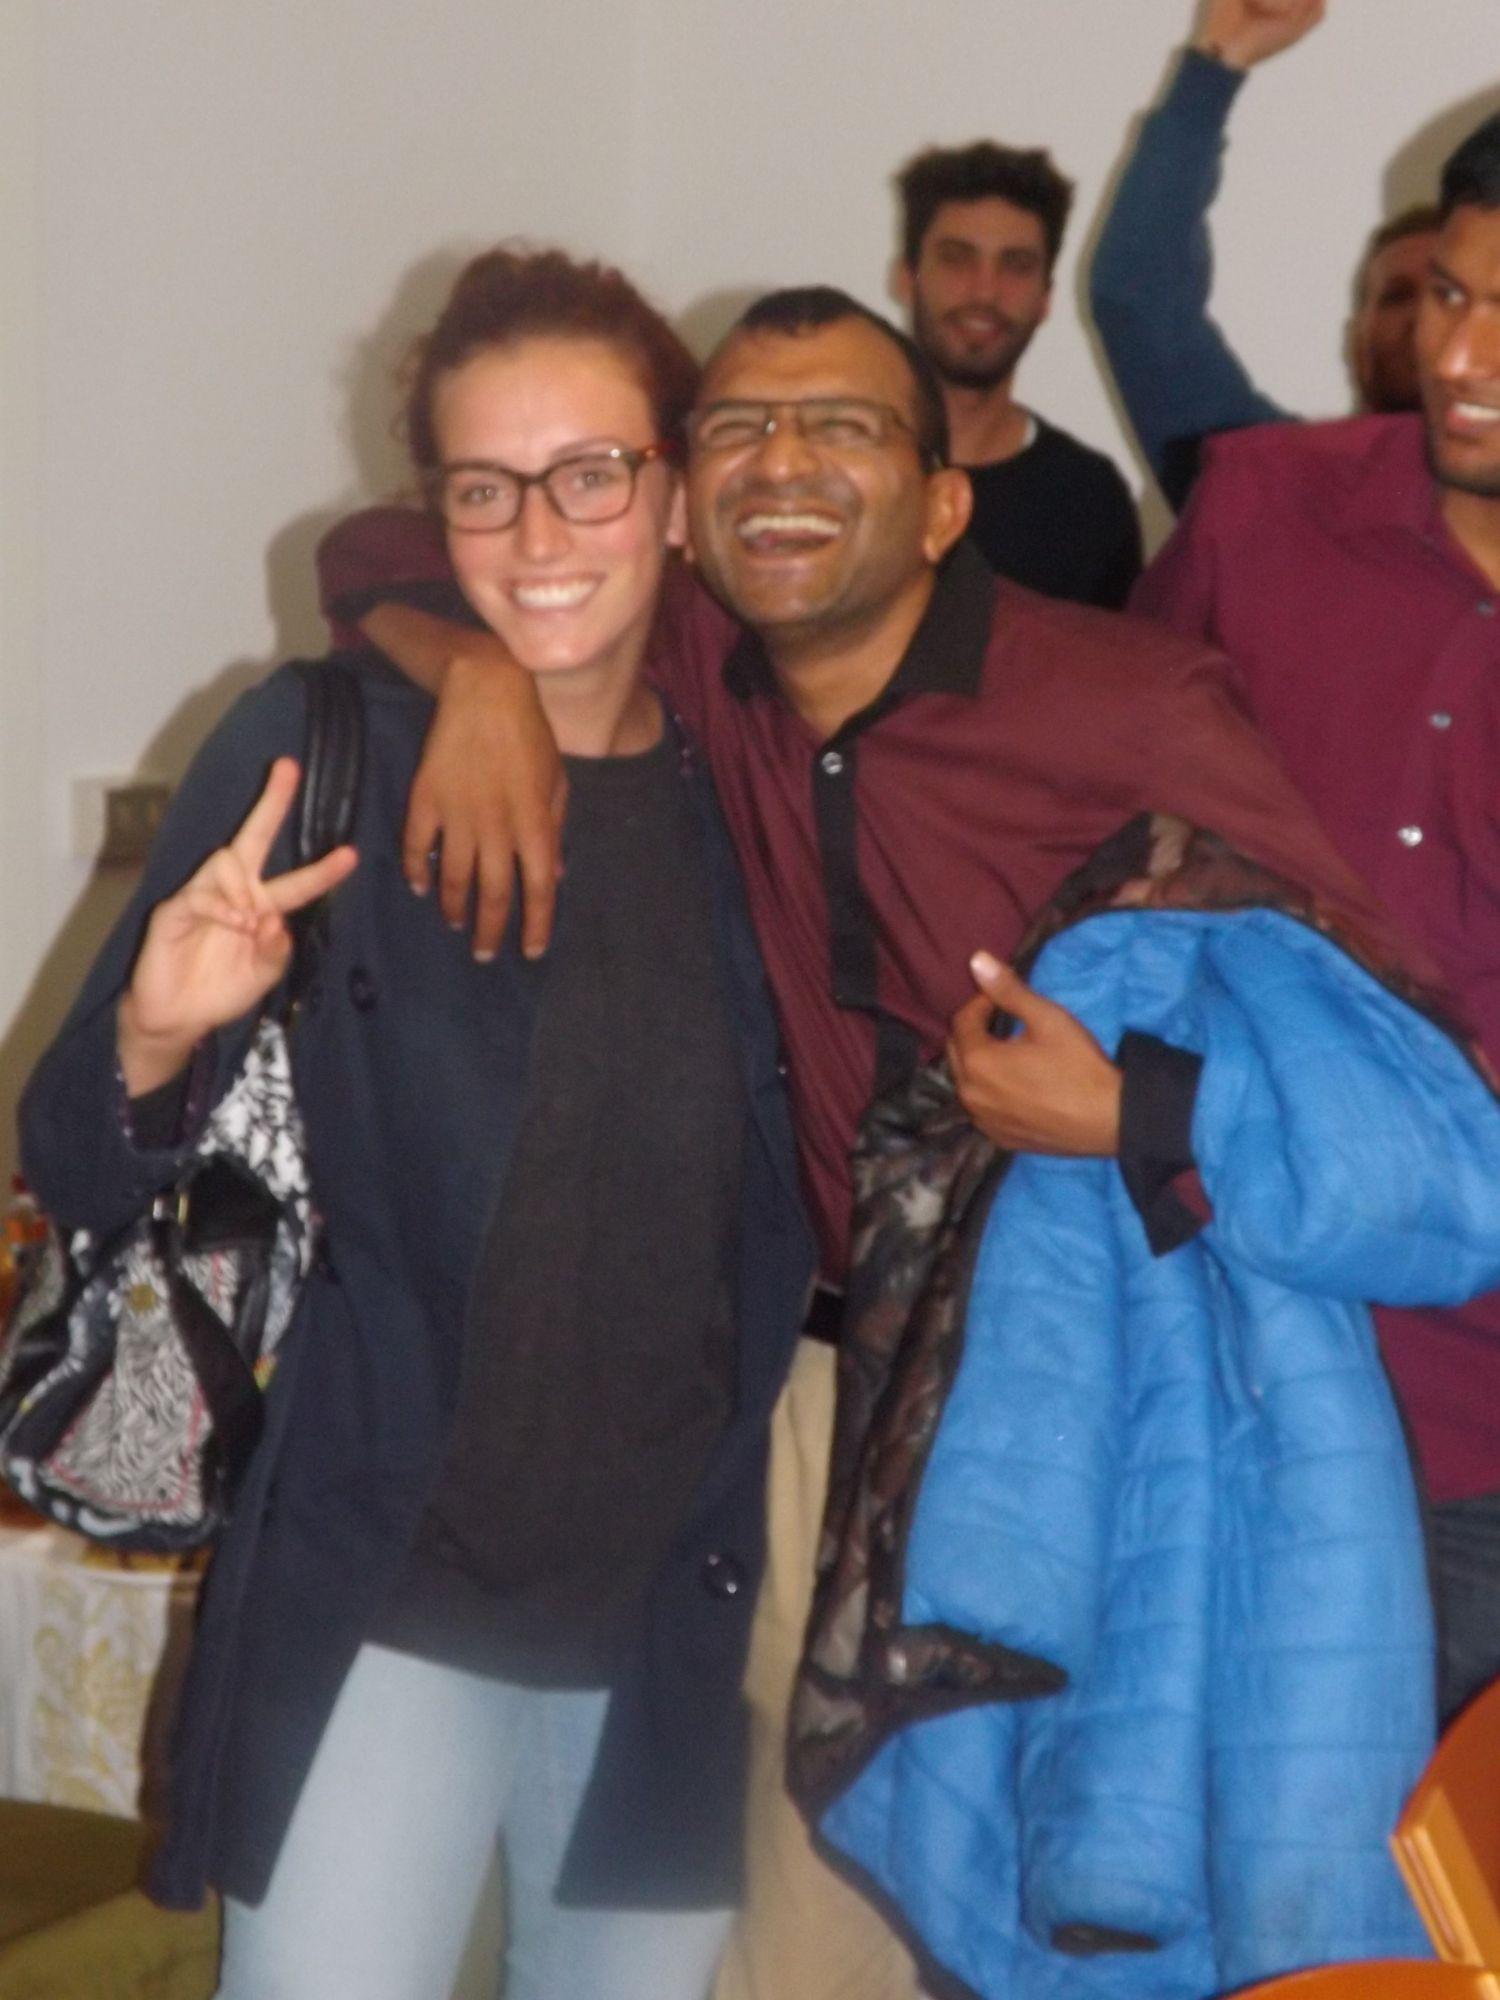 Maria e Allaud alla cena della Id al-adha presso la comunità bengalese